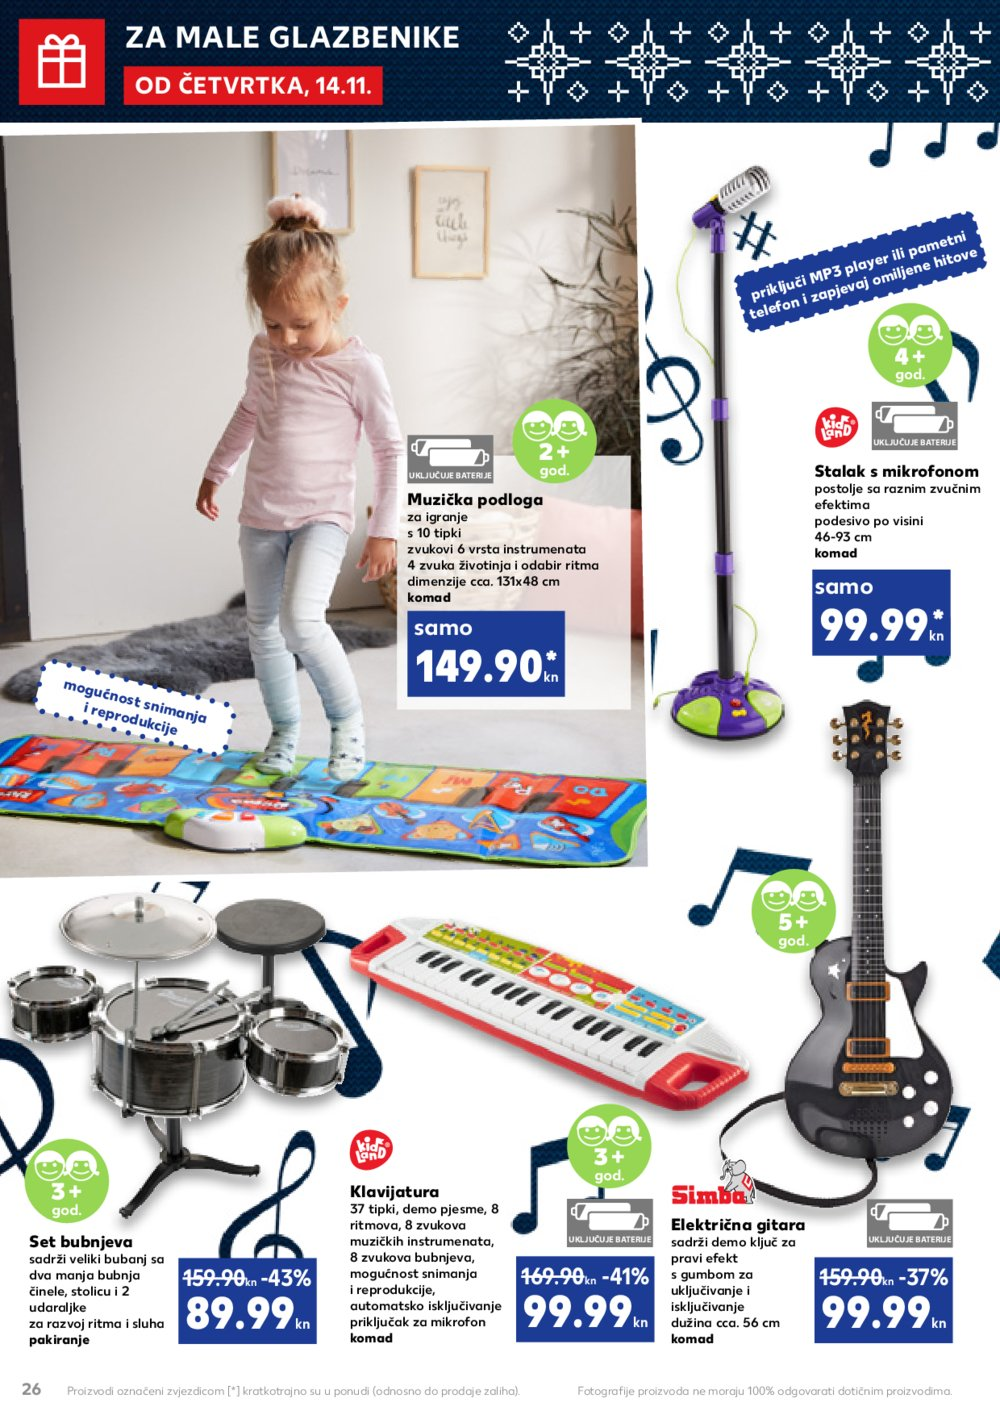 Kaufland katalog Igračke 14.11.2019.-26.12.2019.